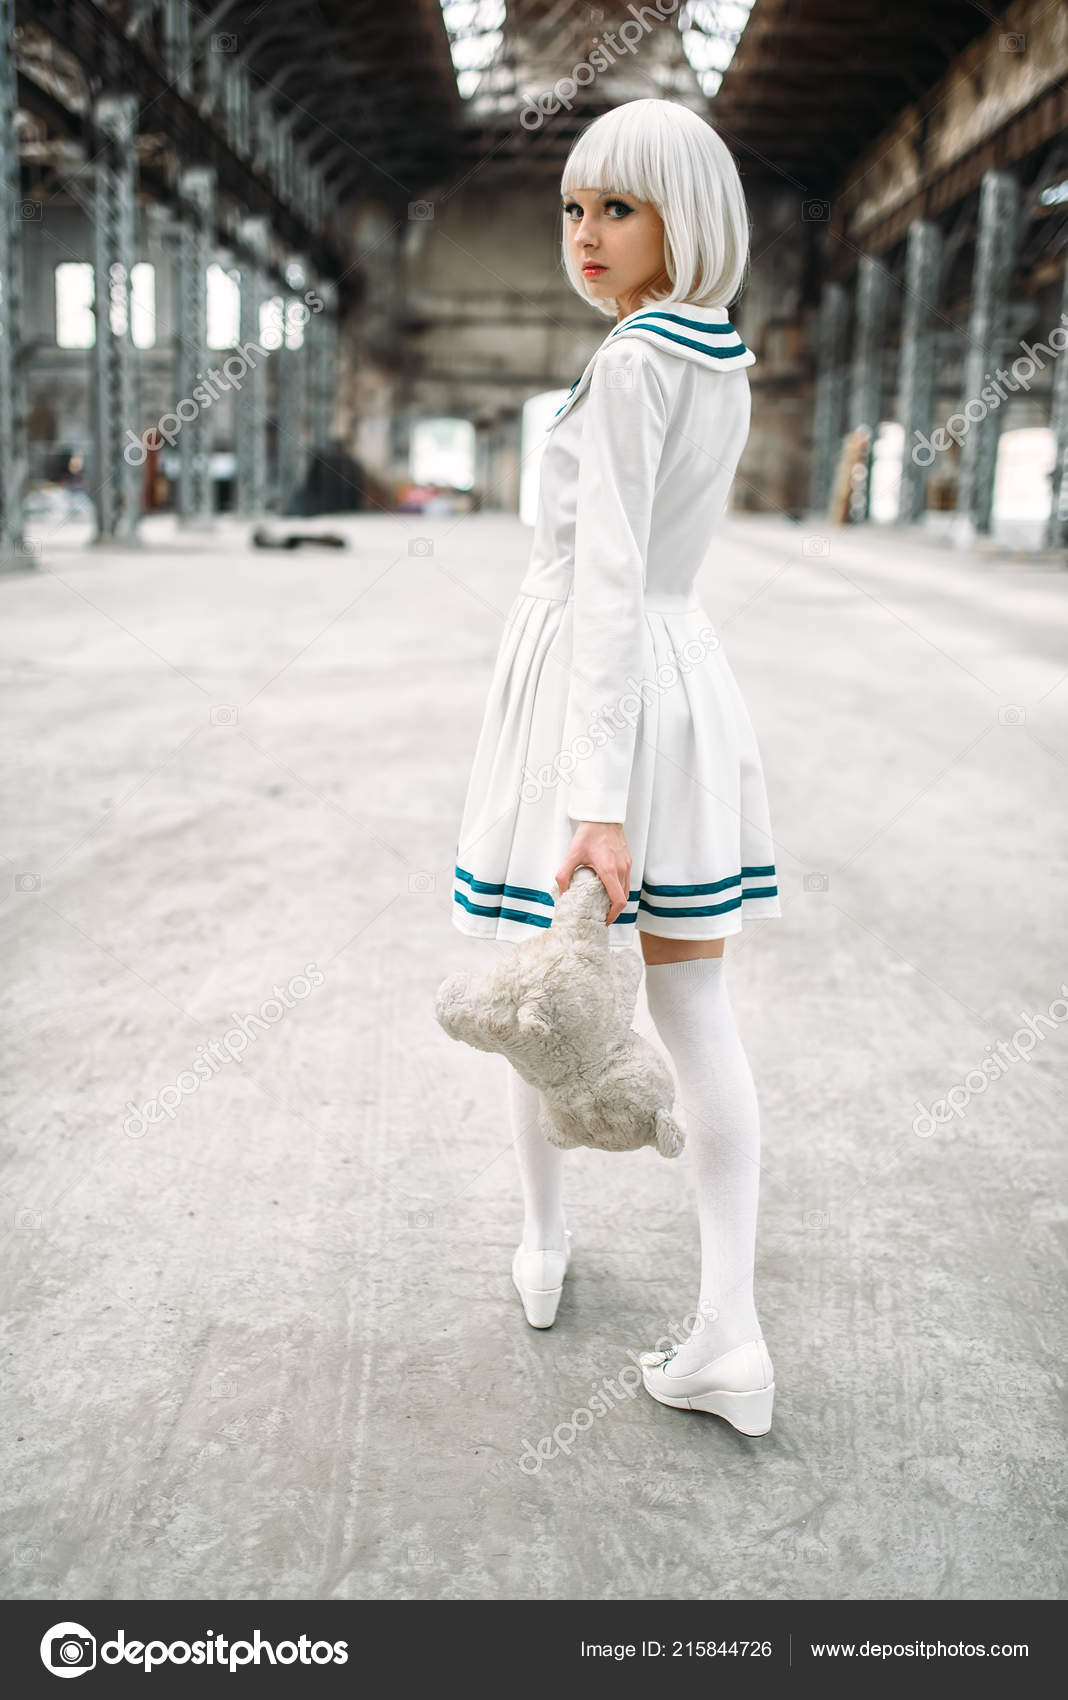 6aa33999e302 Roztomilé Anime Stylu Blond Žena Teddy Bear Ruce Cosplay Japonská ...